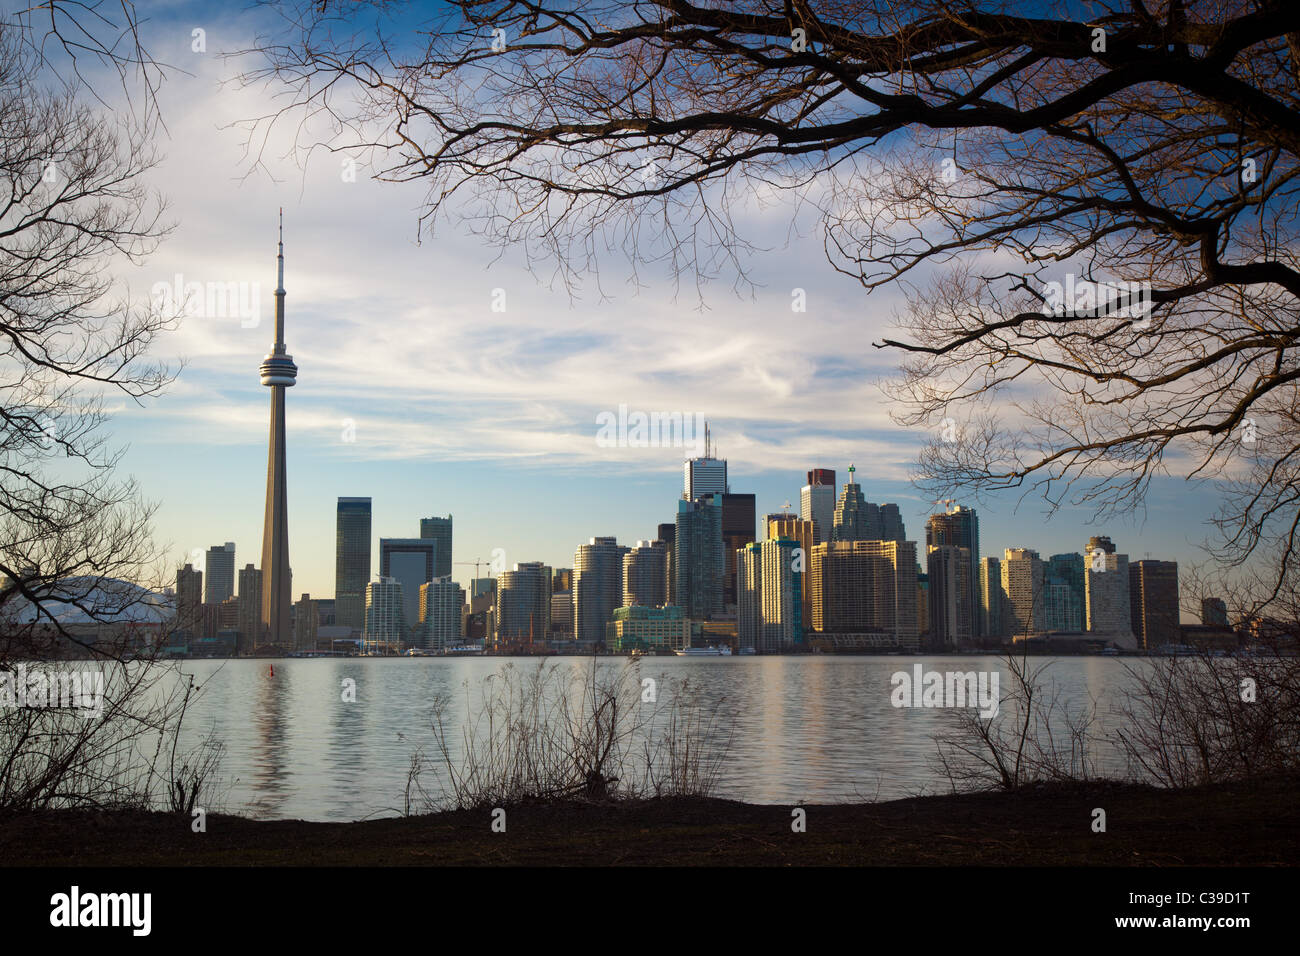 Le centre-ville de Toronto Skyline, y compris la Tour CN et le Centre Rogers, comme on le voit dans la fin d'après-midi, de l'île Centre Banque D'Images